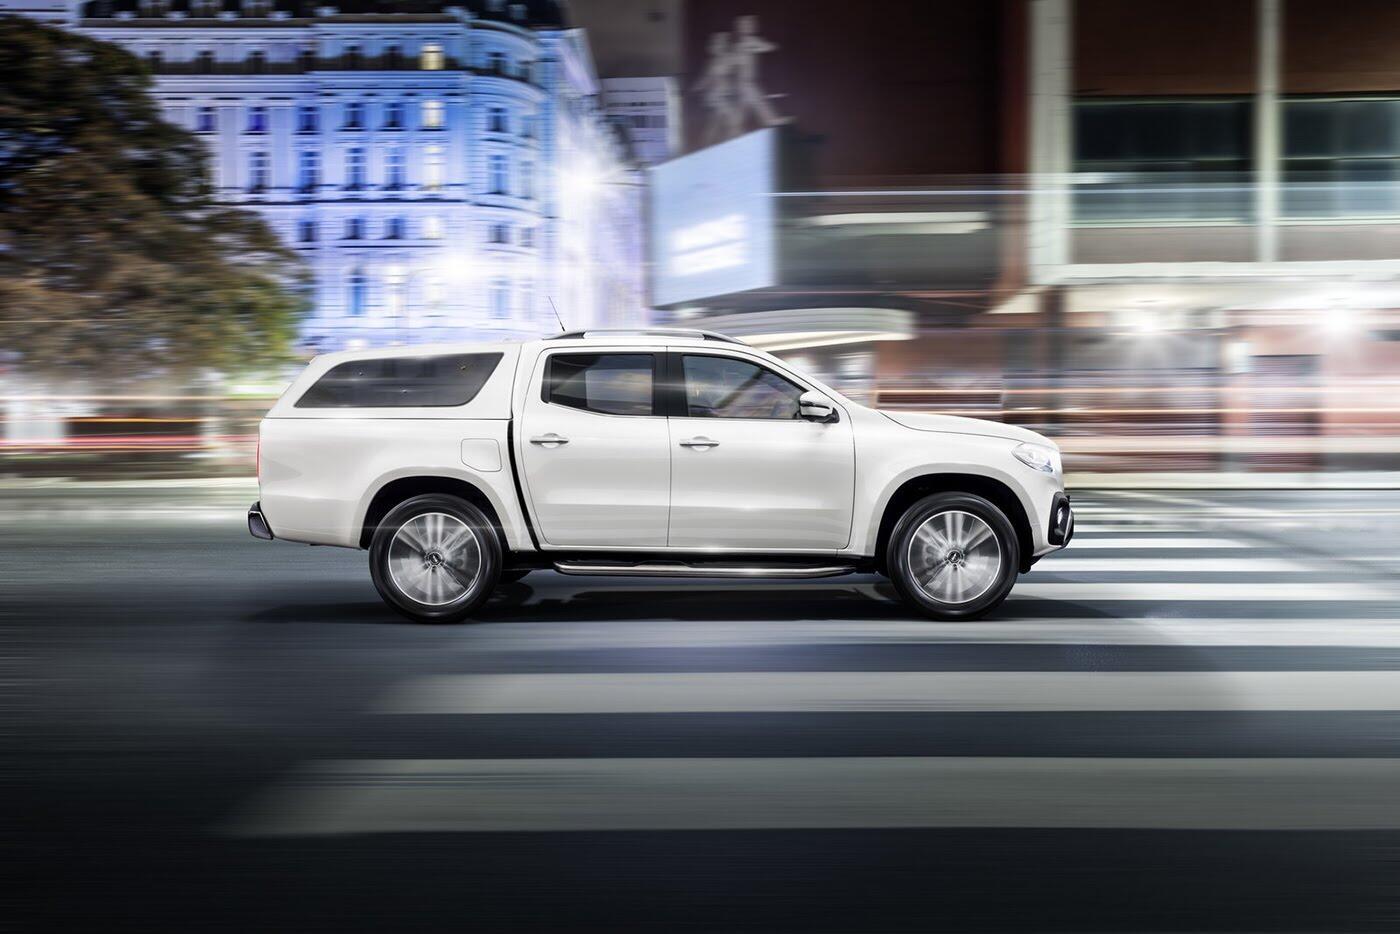 Bán tải Mercedes-Benz X-Class sẽ không có phiên bản động cơ V8 4.0L - Hình 2